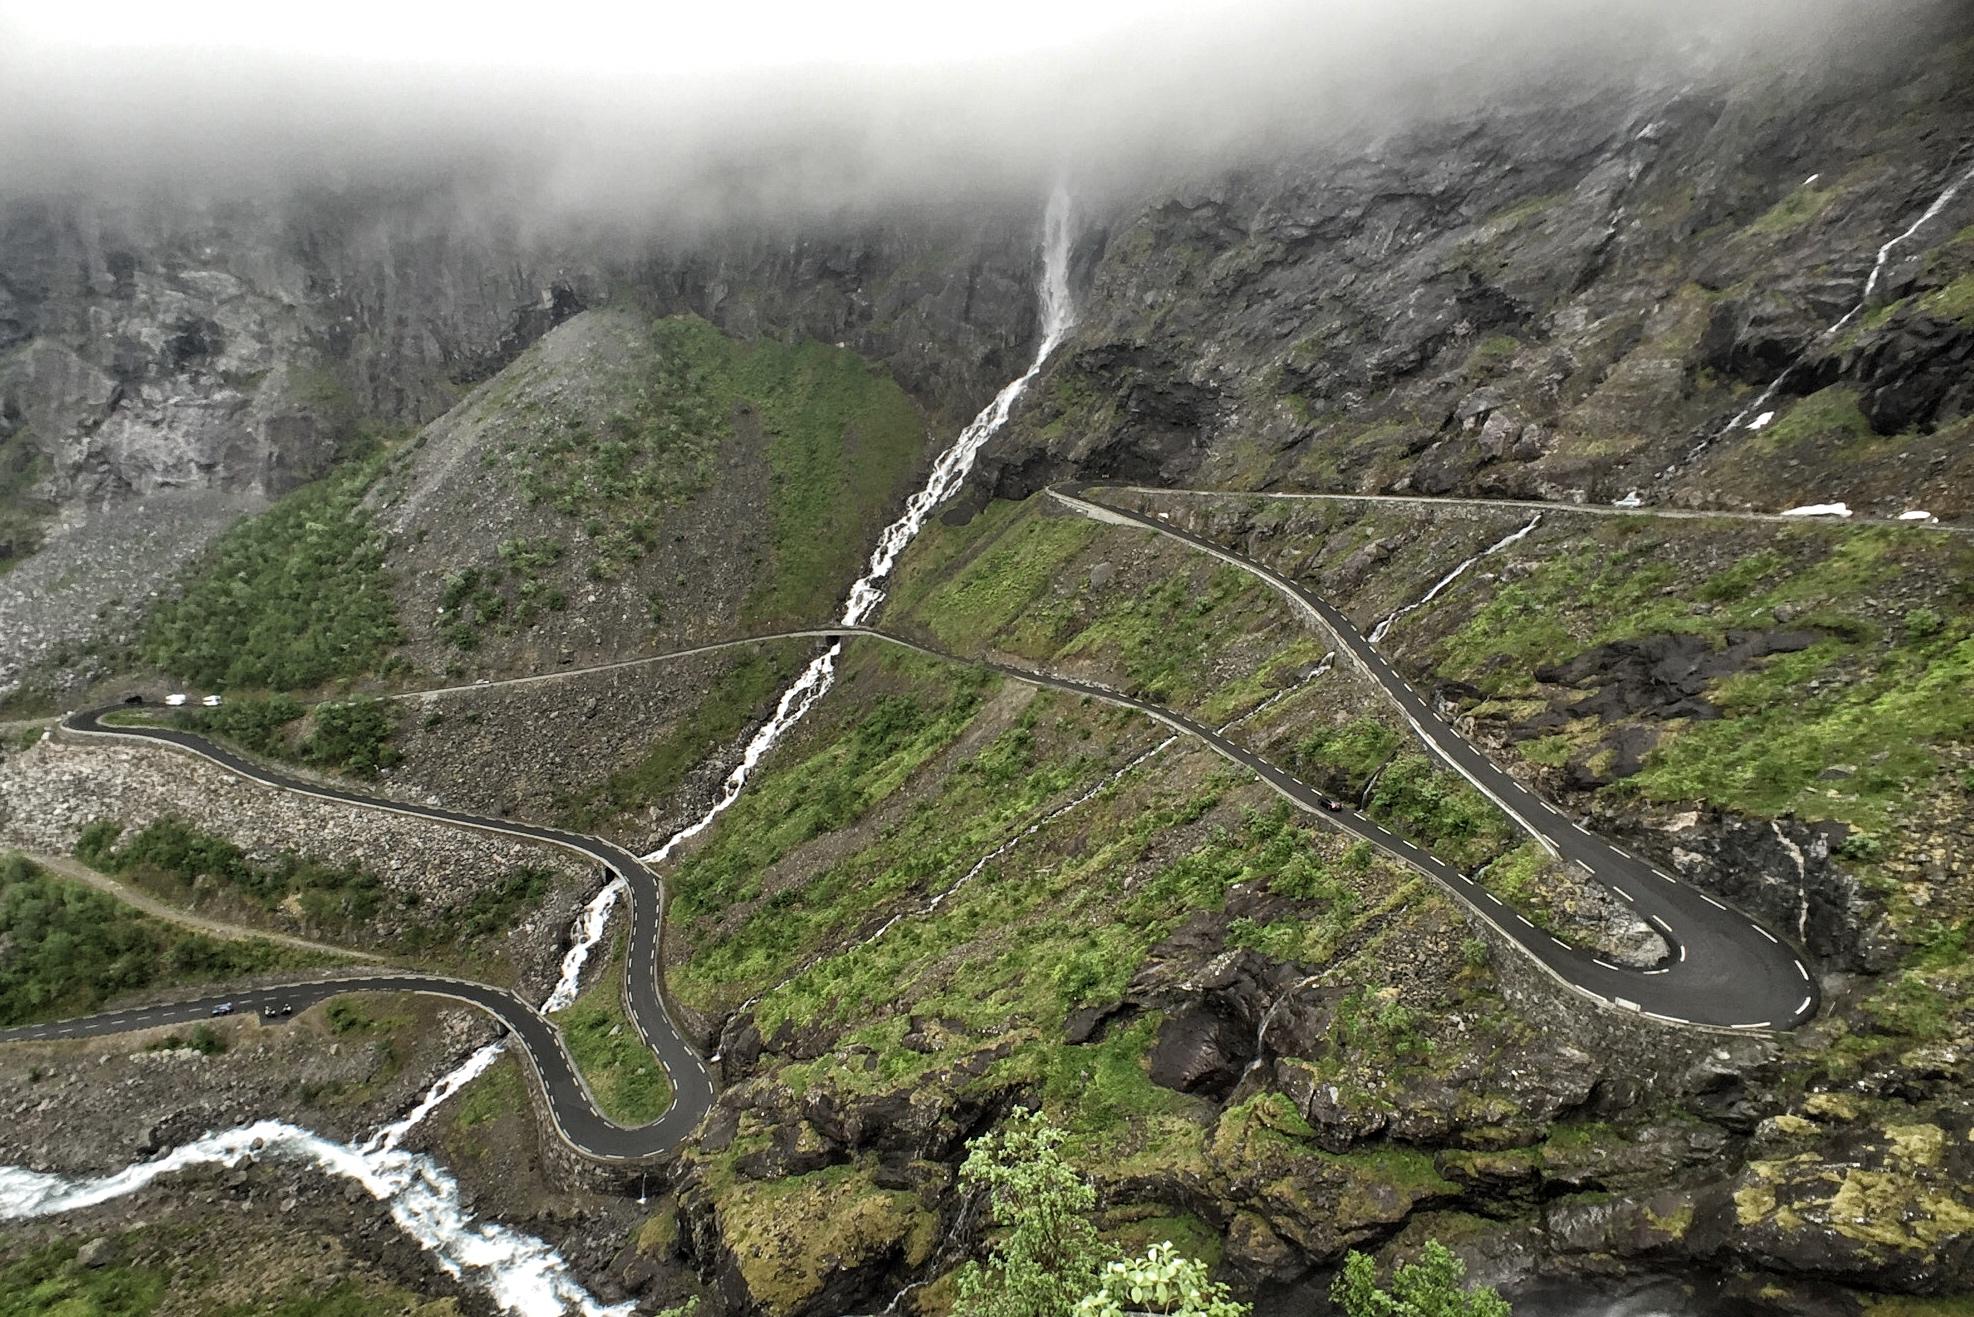 Trollstigen - Velkommen til Norges mest kjente serpentiner. Selv Olav den Hellige har klatret Stigen, det kommer tusentalls turister hit hvert år. Dette er blant Norges mest klatrede bakker.